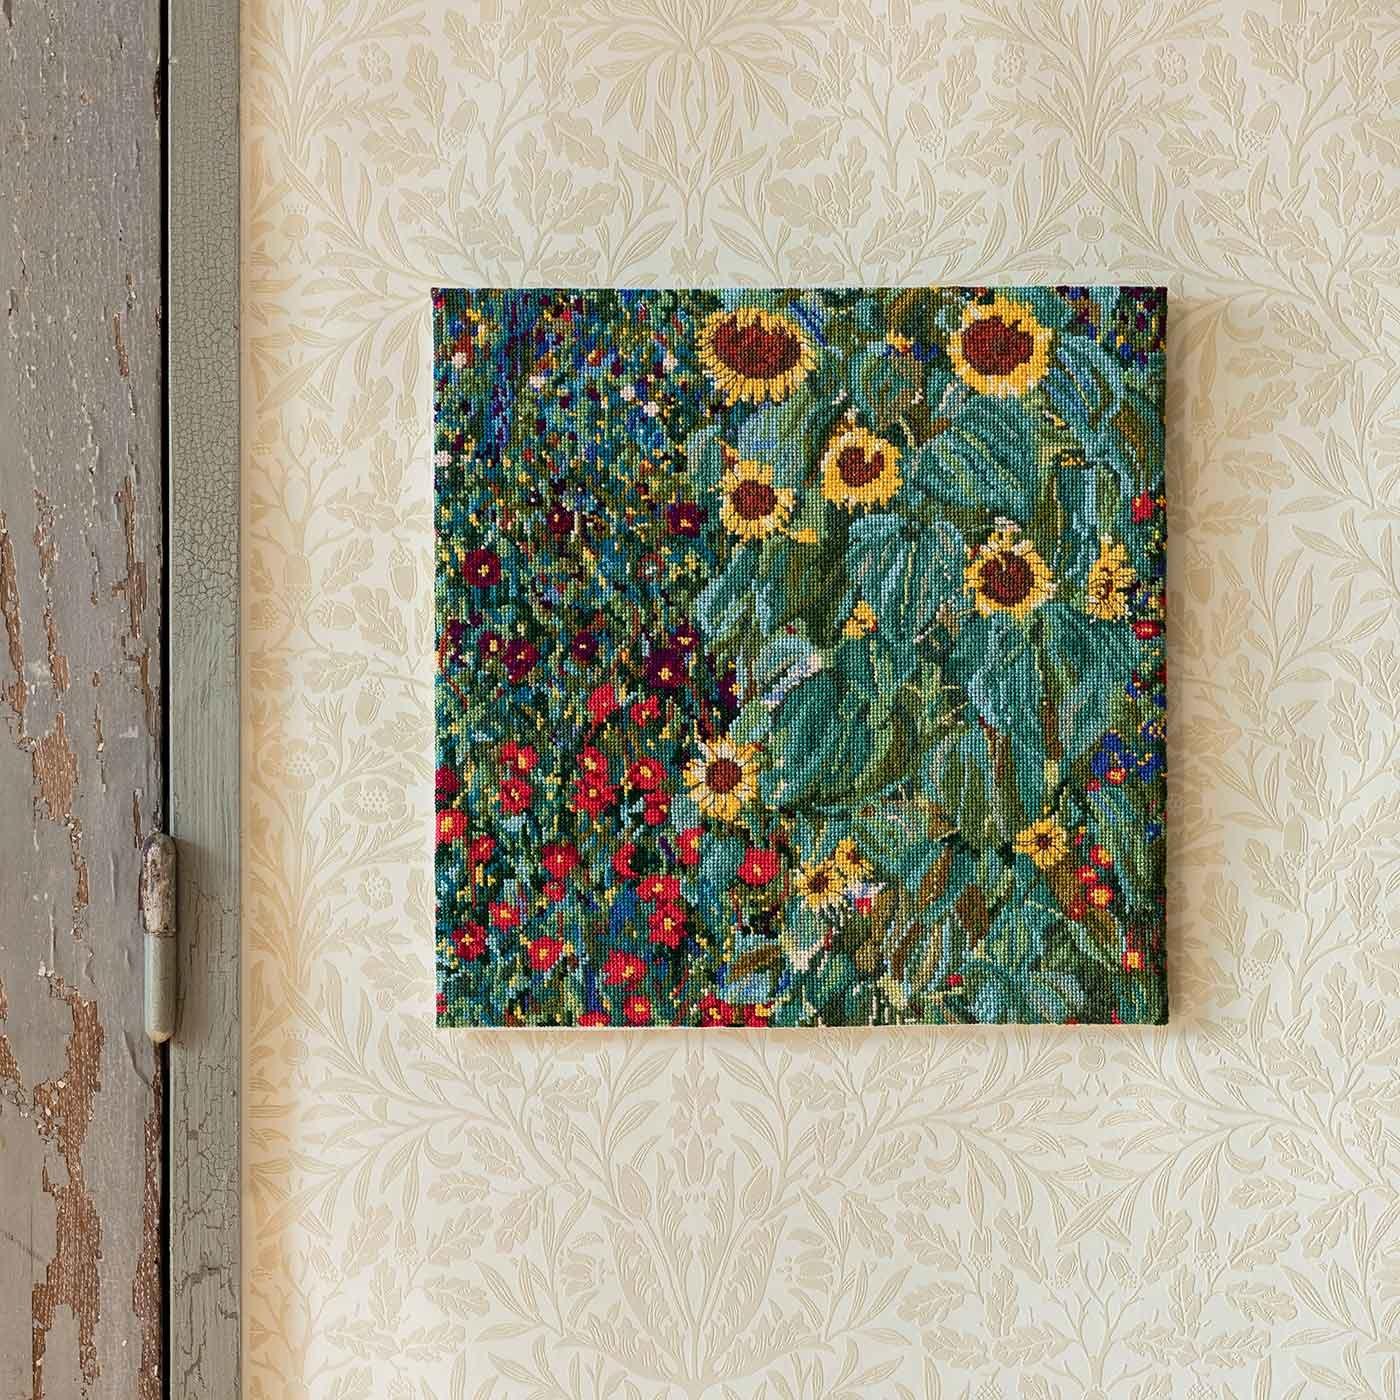 鮮やかな色彩美 クリムト 「FARM GARDEN WITH SUNFLOWERS」クロスステッチキット